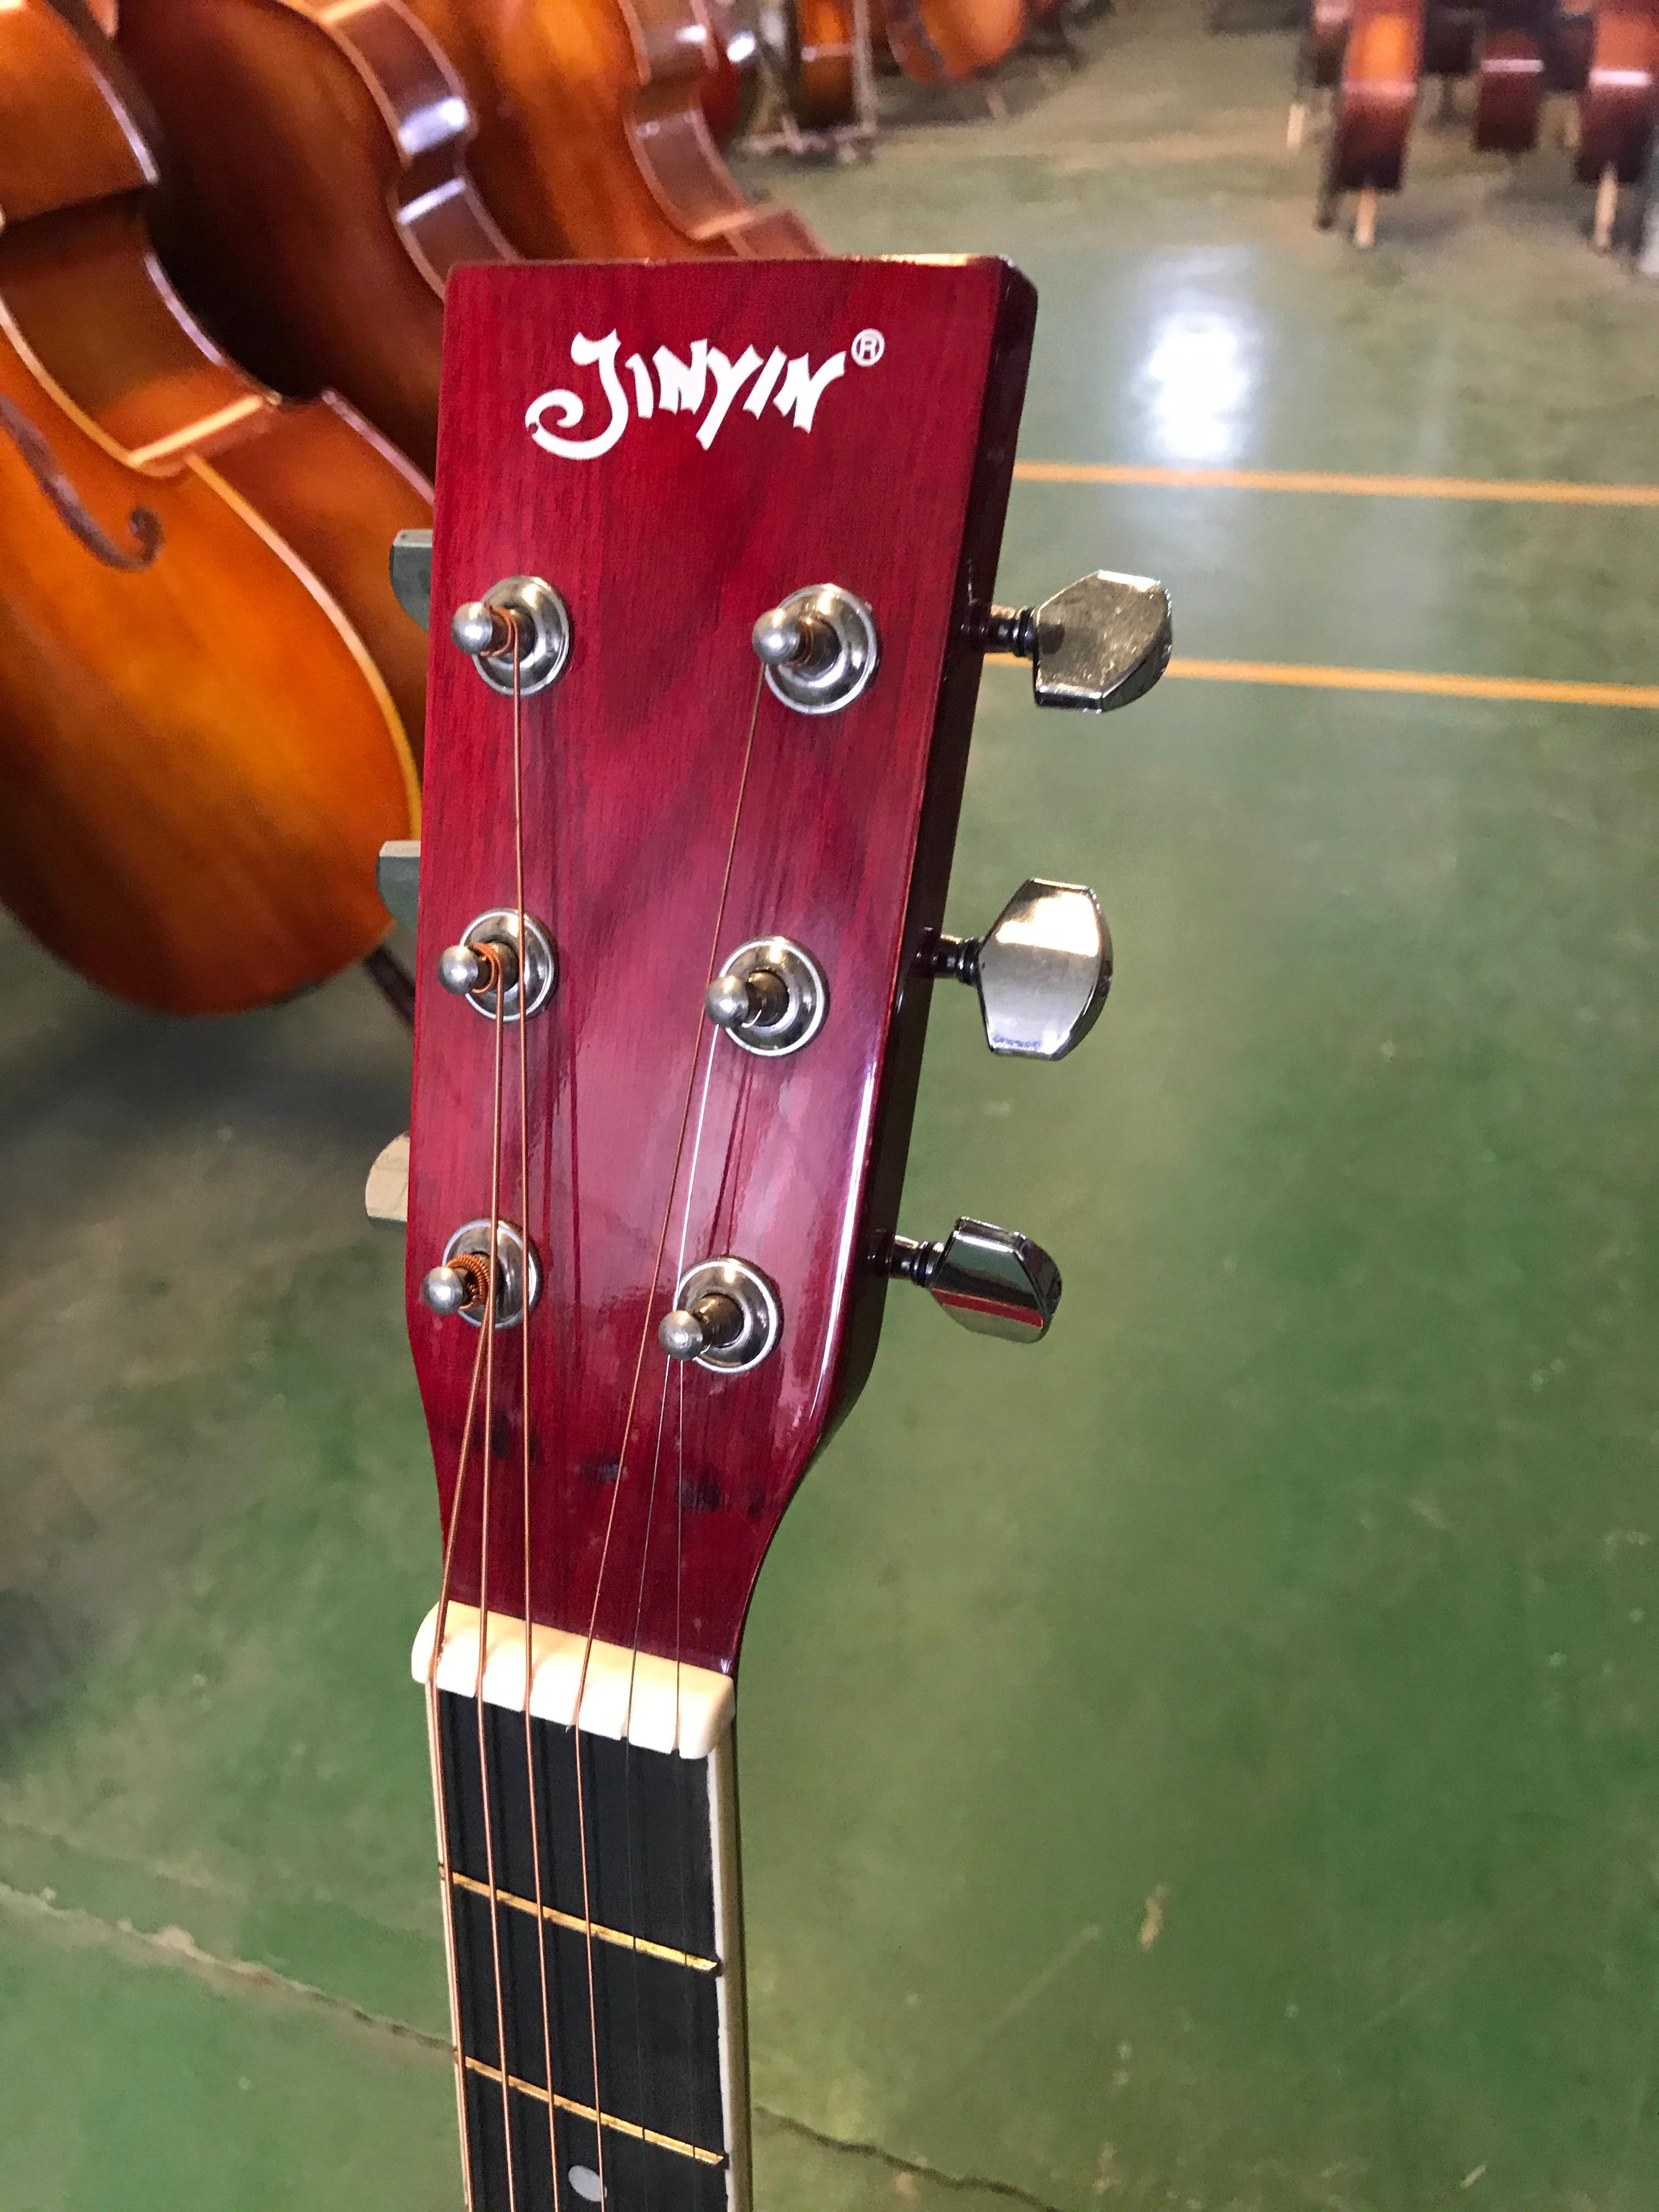 Acoustic Guitar 6 Steel-Strings Thin Body Flattop Balladry Folk Pop 41 Inch 21 Fret Guitarra Red Cutaway Electro enlarge